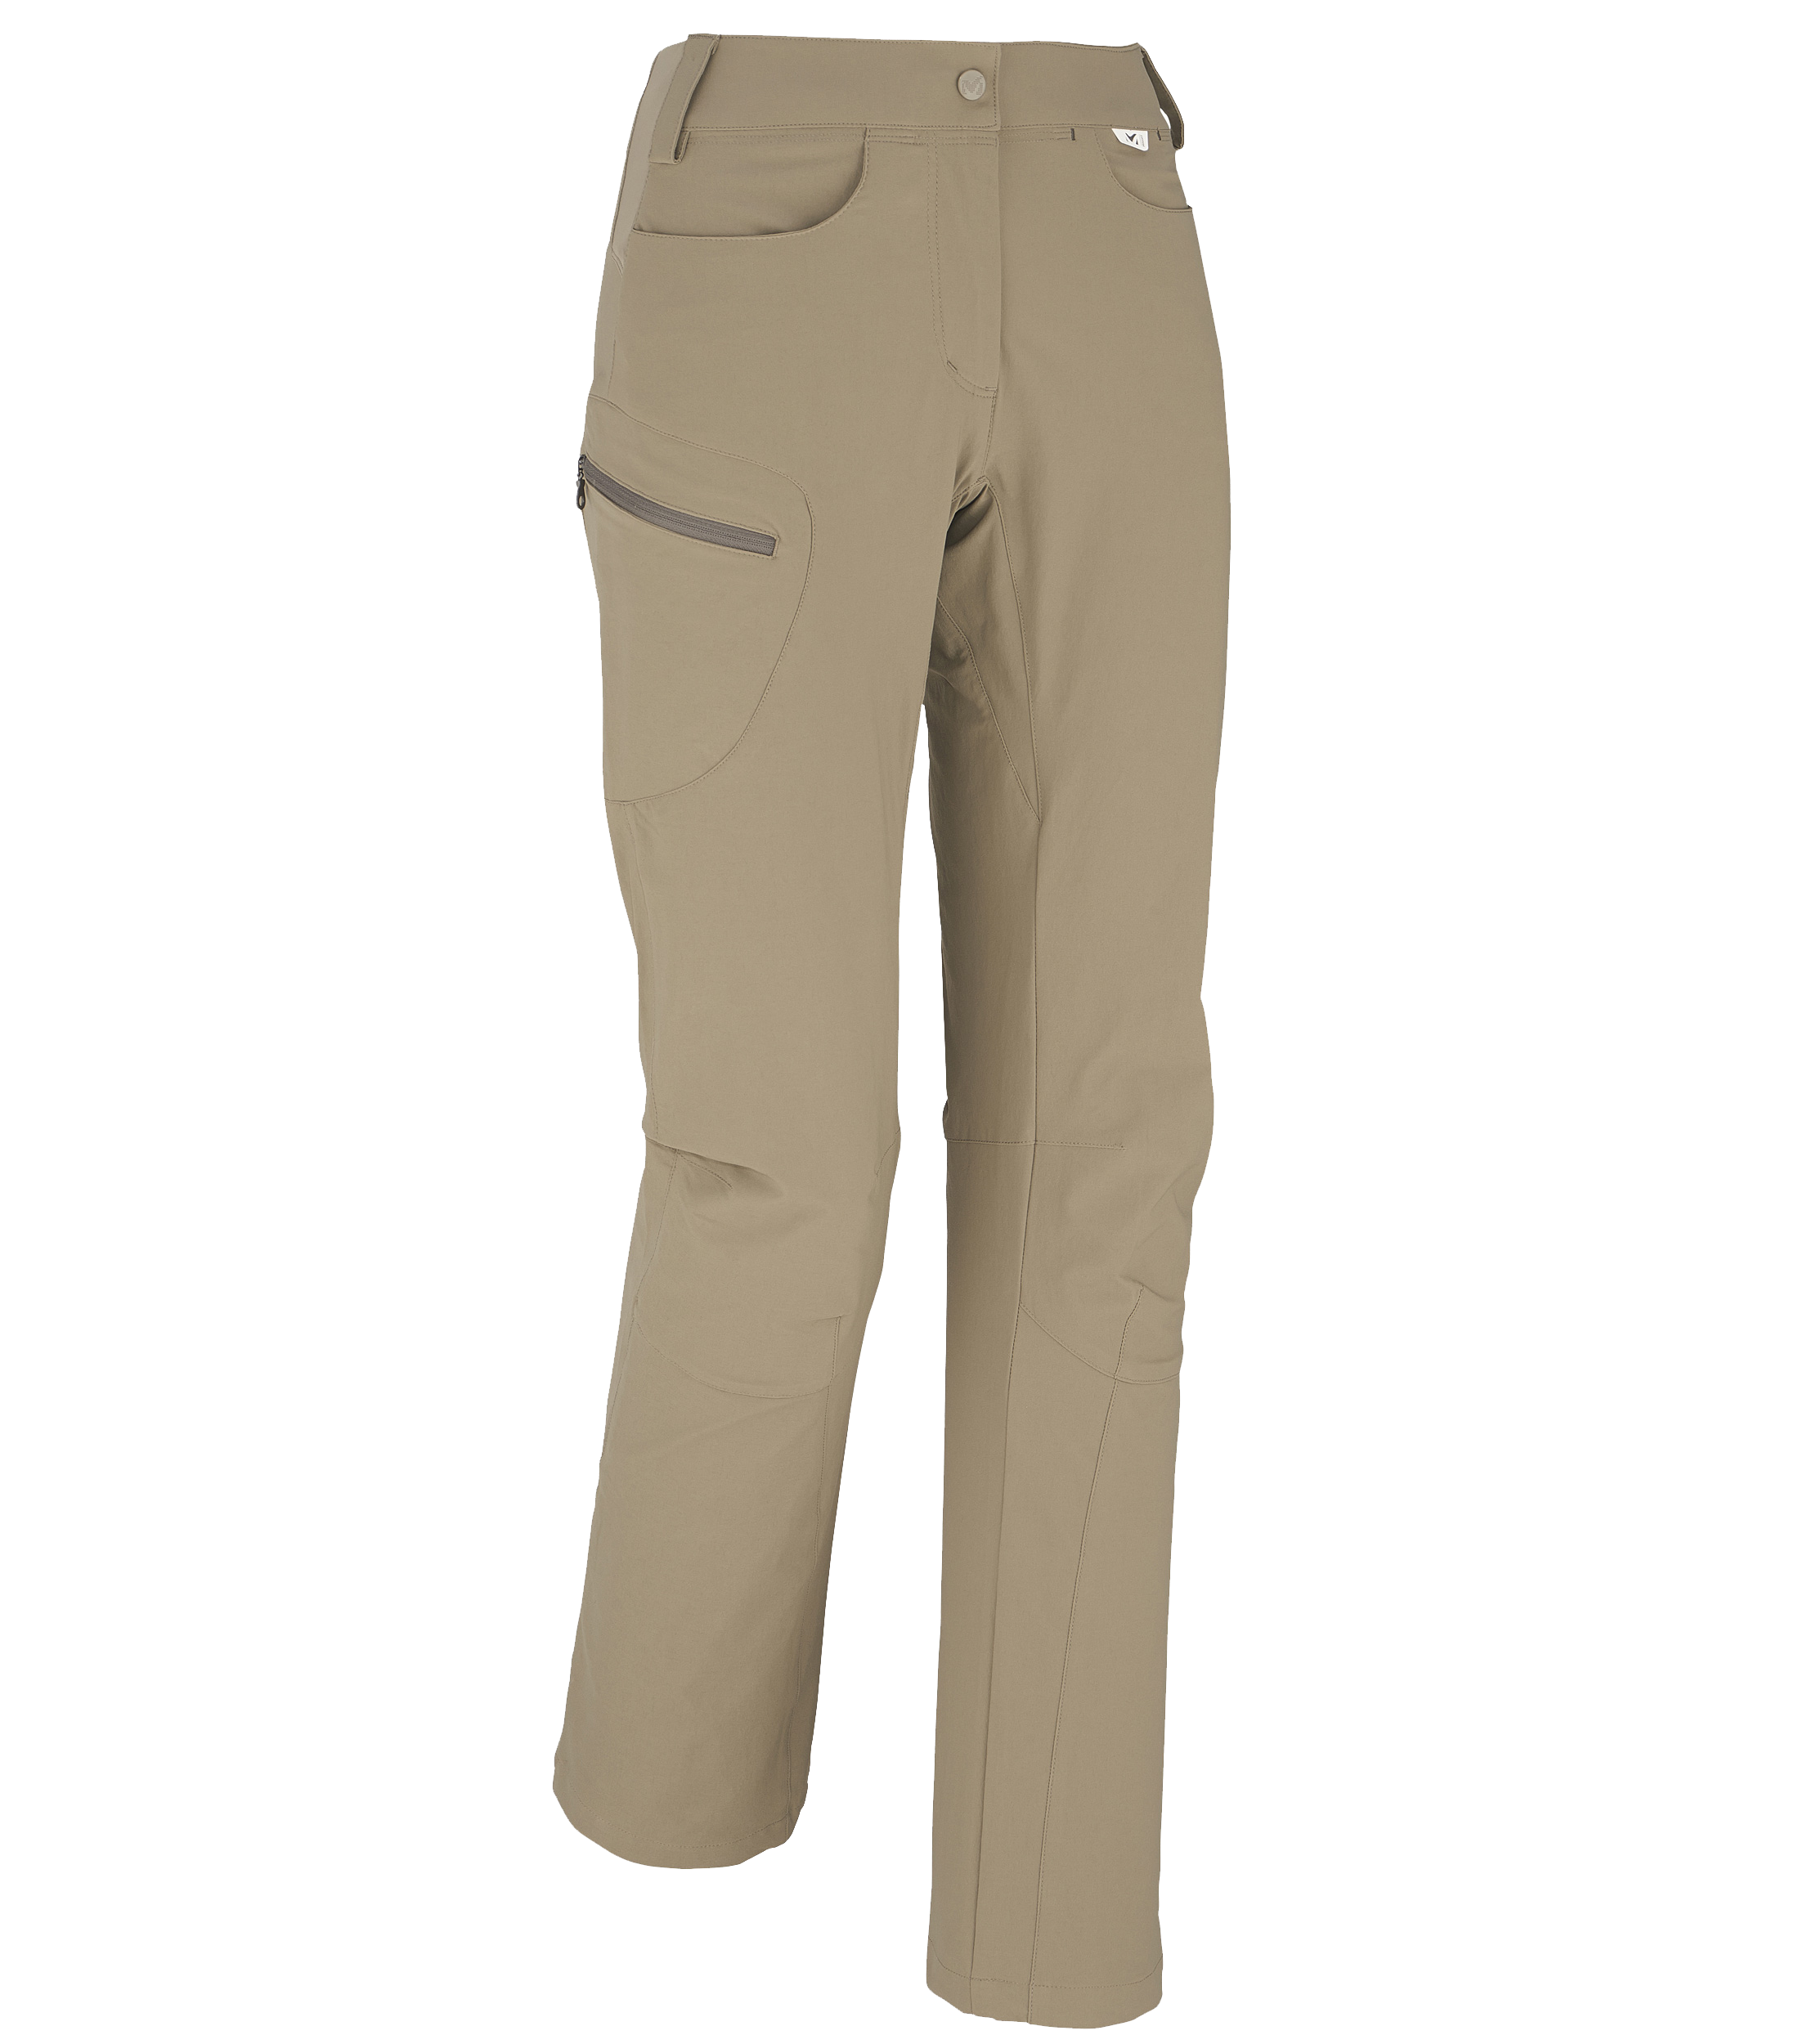 Millet - LD Trekker Stretch - Walking trousers - Women's